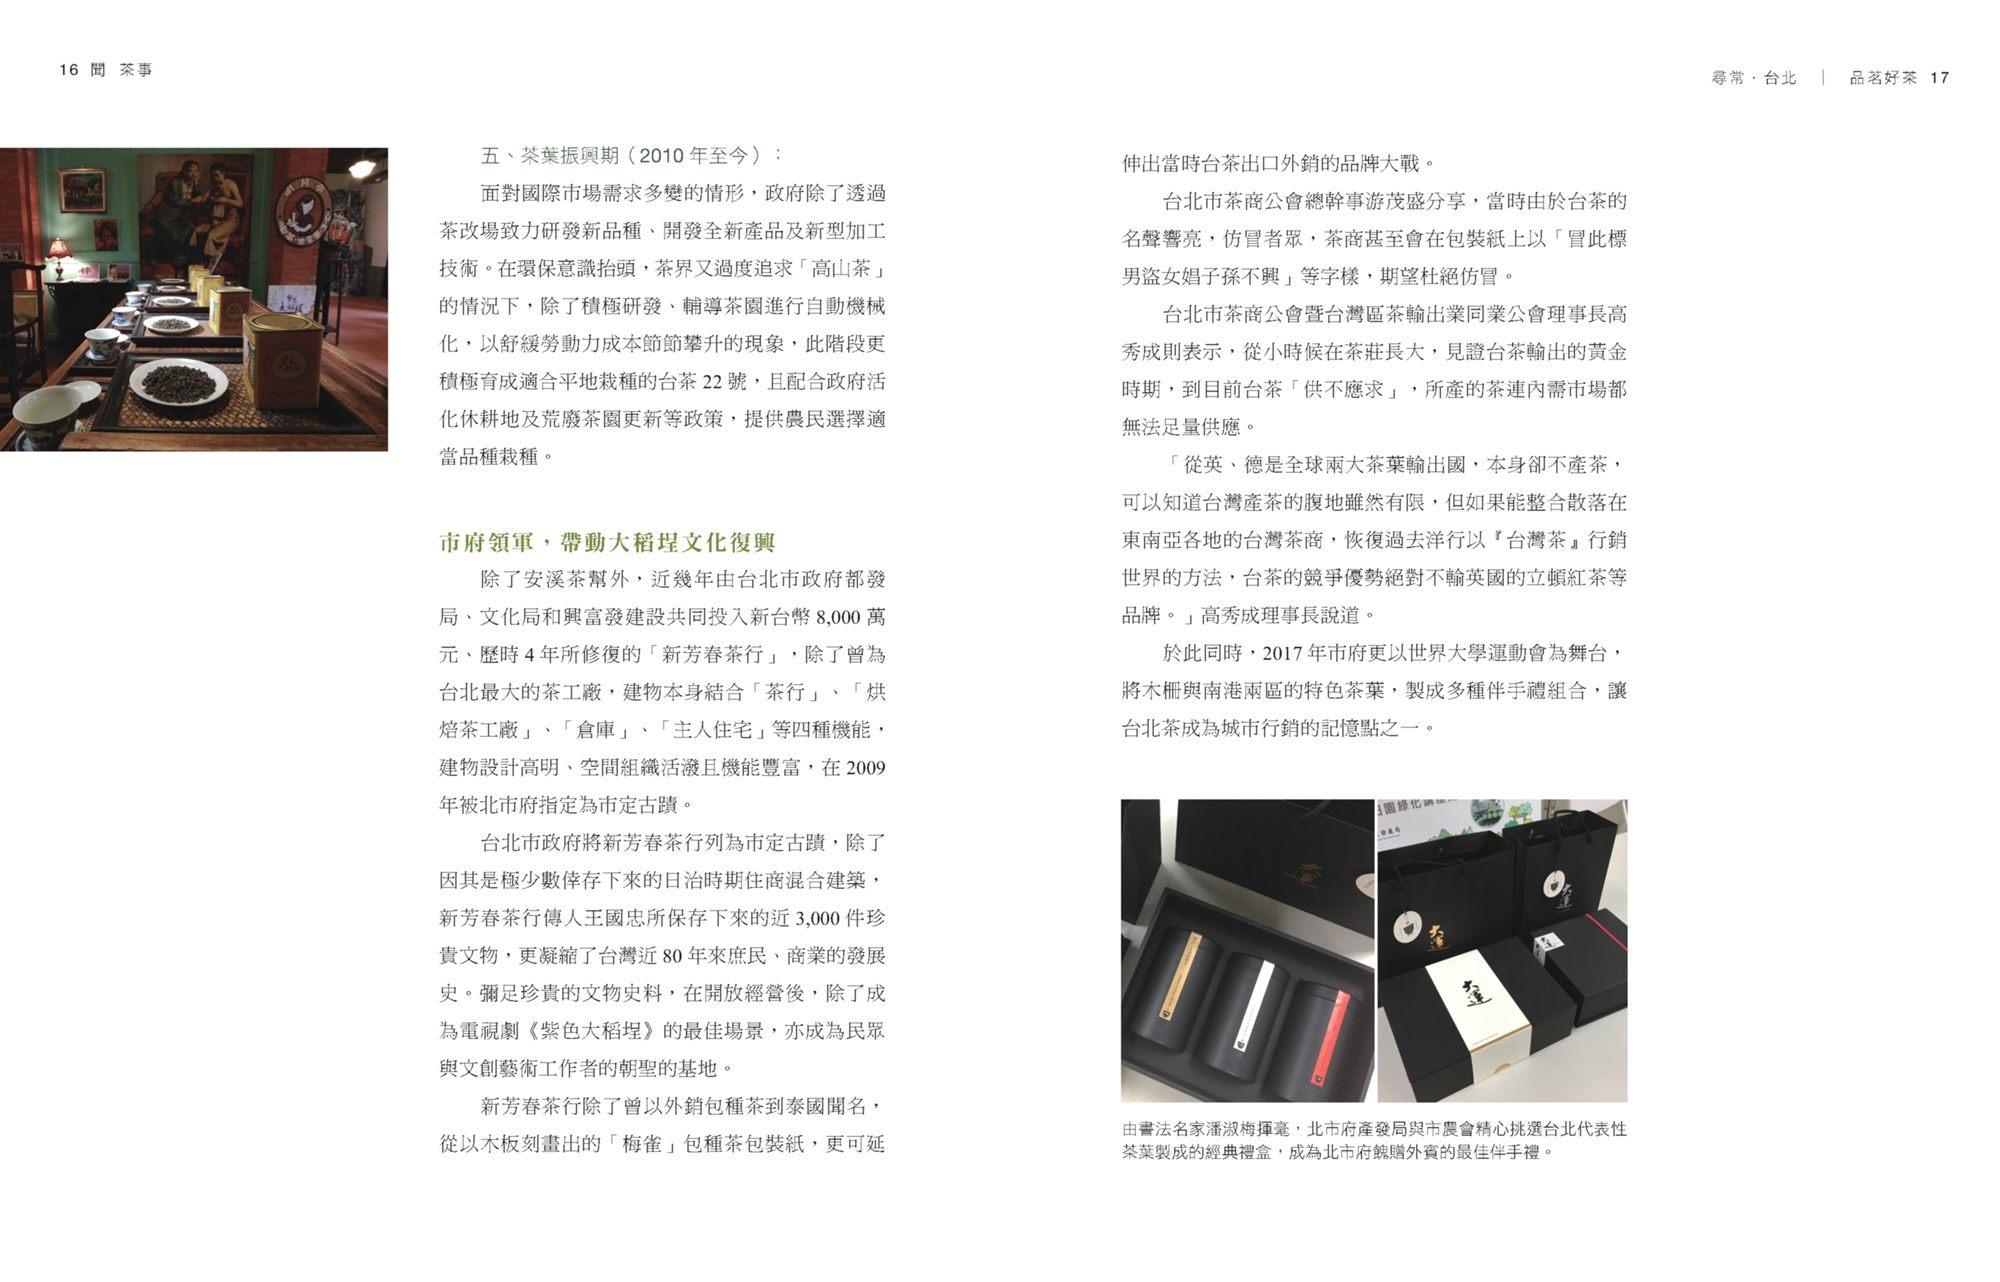 內頁縮圖2